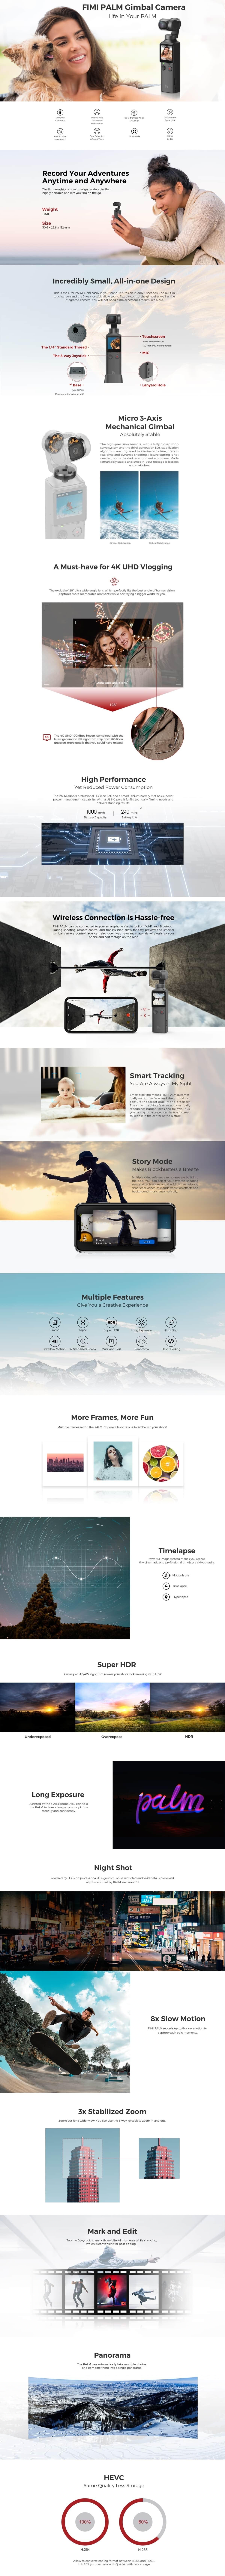 Xiaomi-FIMI-PALM-Gimbal-Camera3e6a6390dd5cae9f.jpg